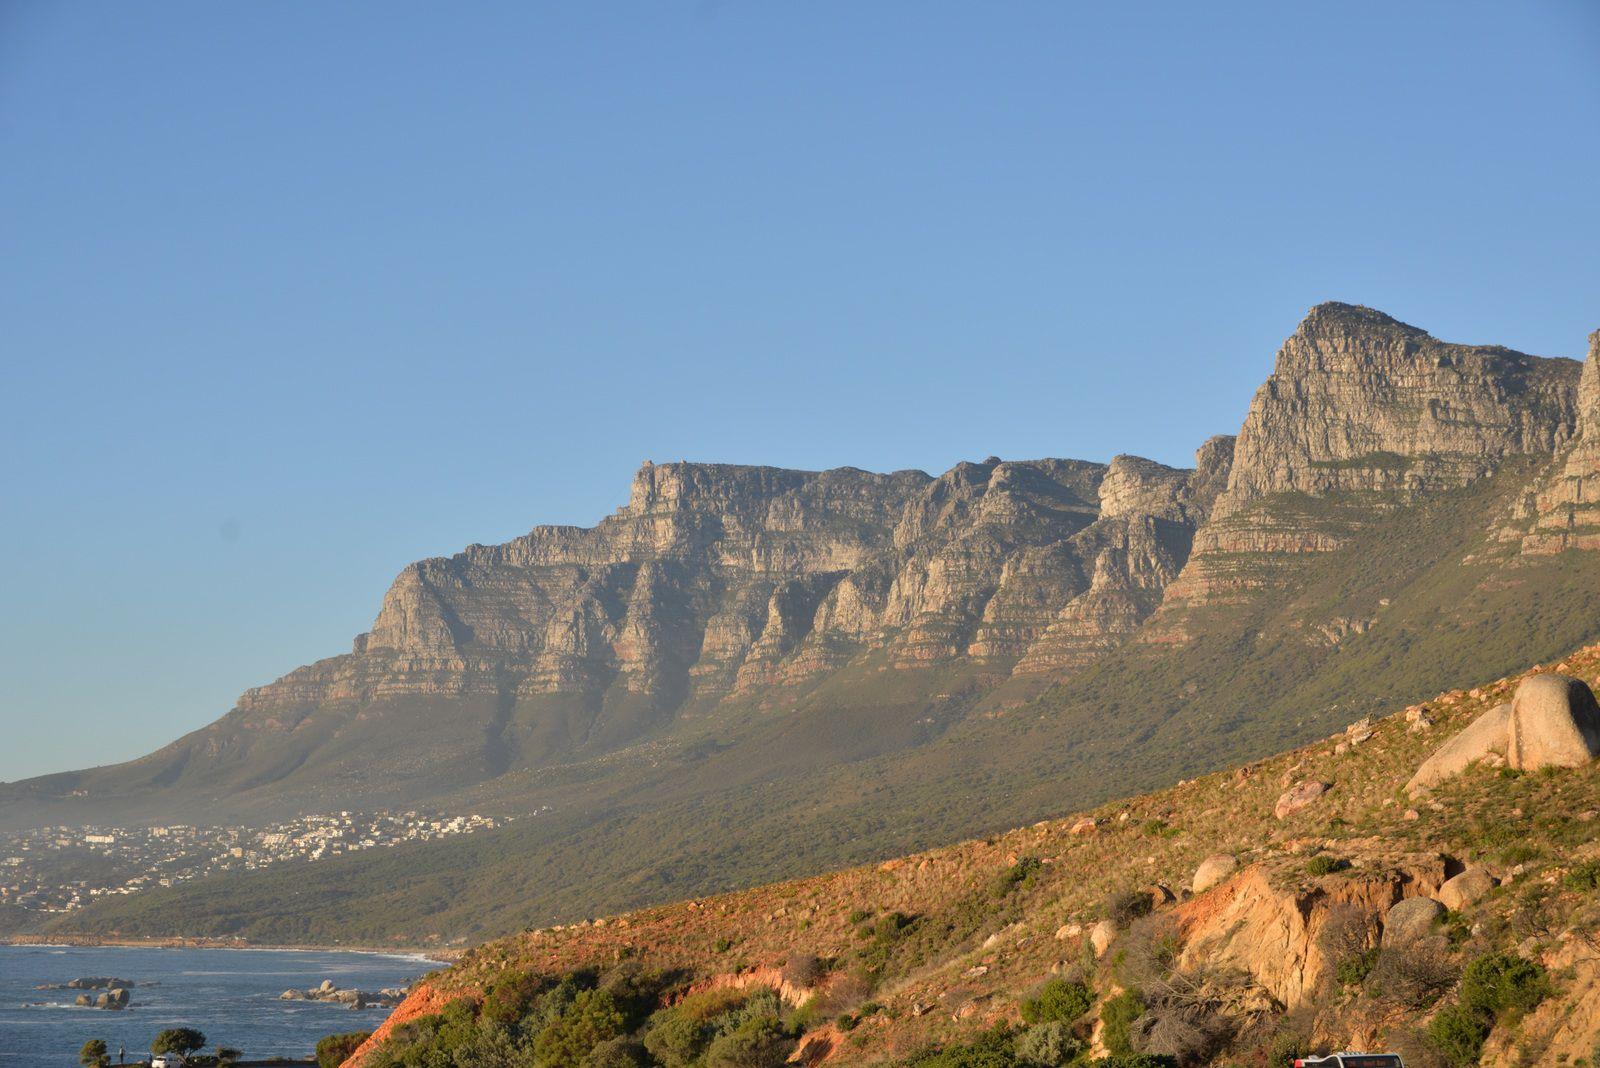 Afrique du Sud / 8 / Fin du voyage / Il est 09h09, nous sommes le 17 Novembre 2020